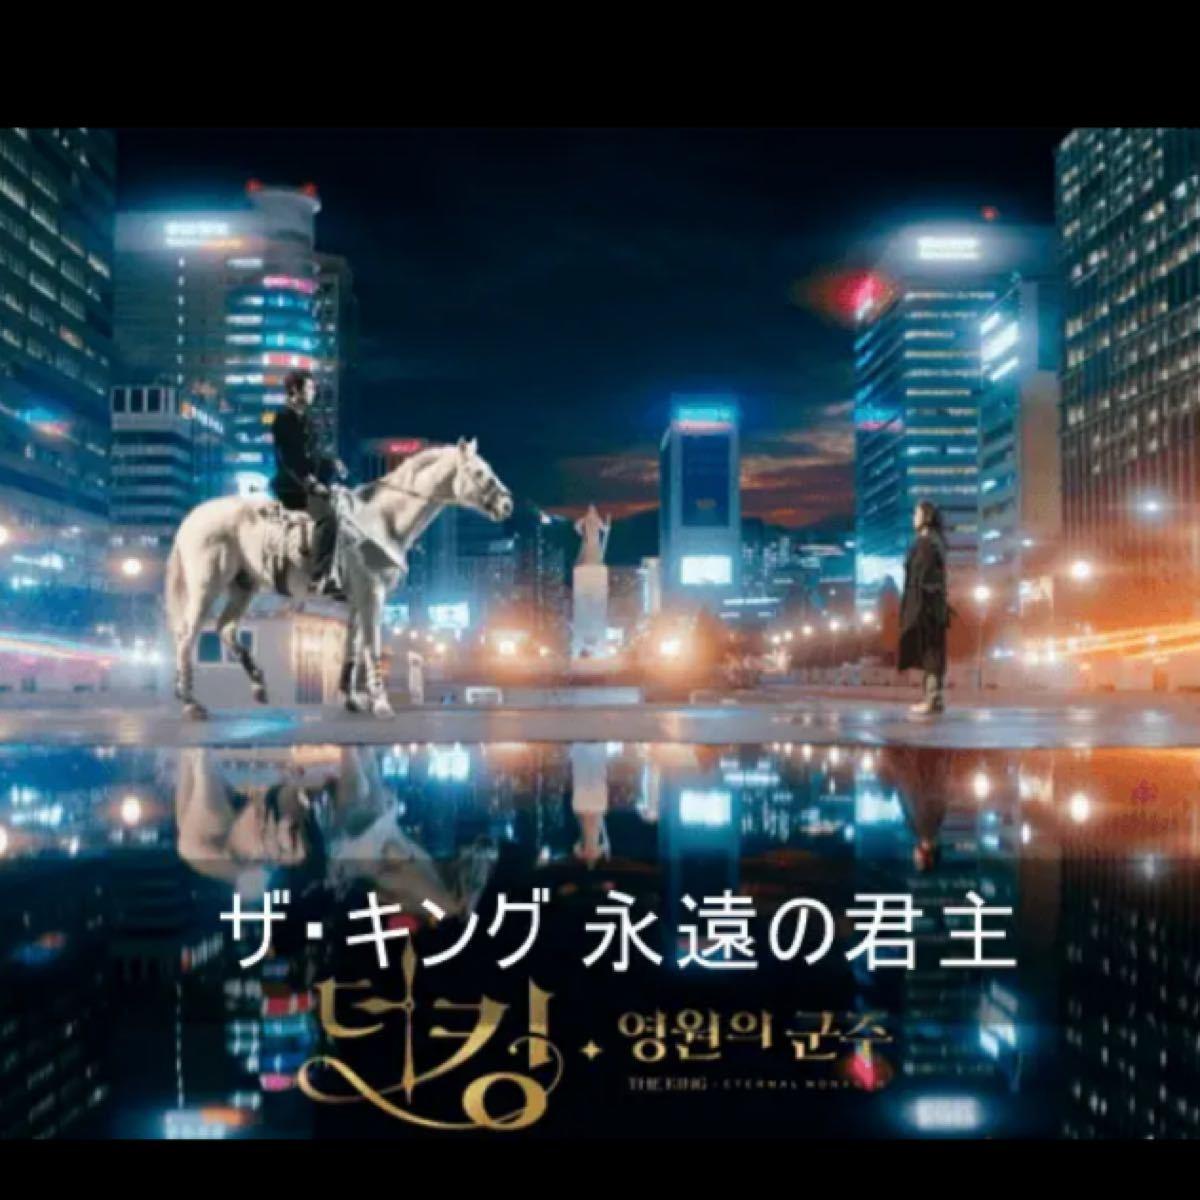 ☆韓国ドラマ☆『ザ・キング』 Blu-ray  全話 クリアケース入り